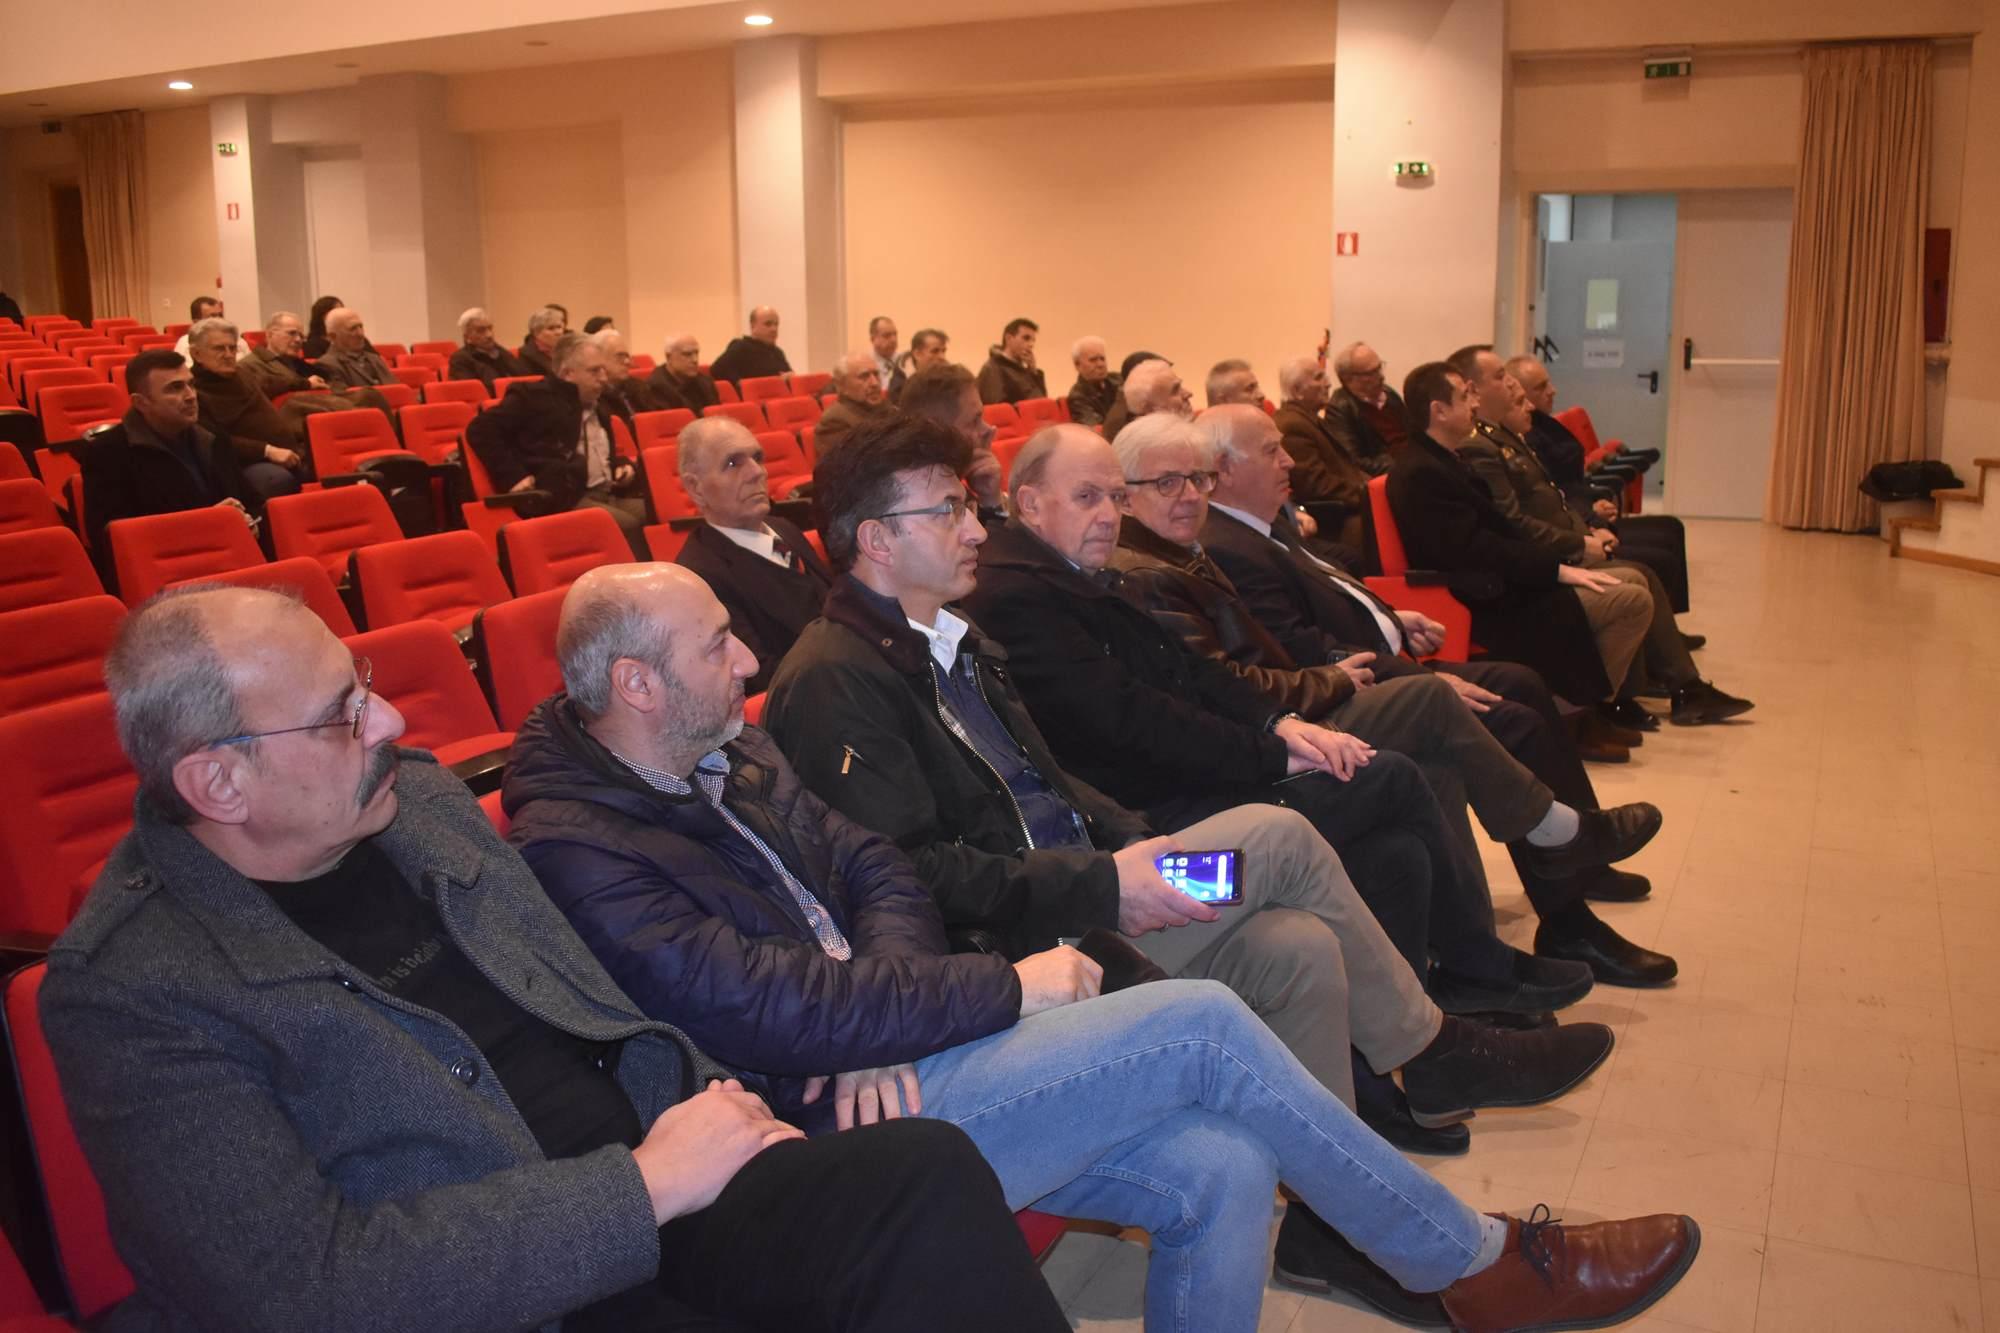 Ομιλία για «Το νομικό καθεστώς των νήσων του Αιγαίου» διοργανώθηκε στη Λάρισα (φωτο)